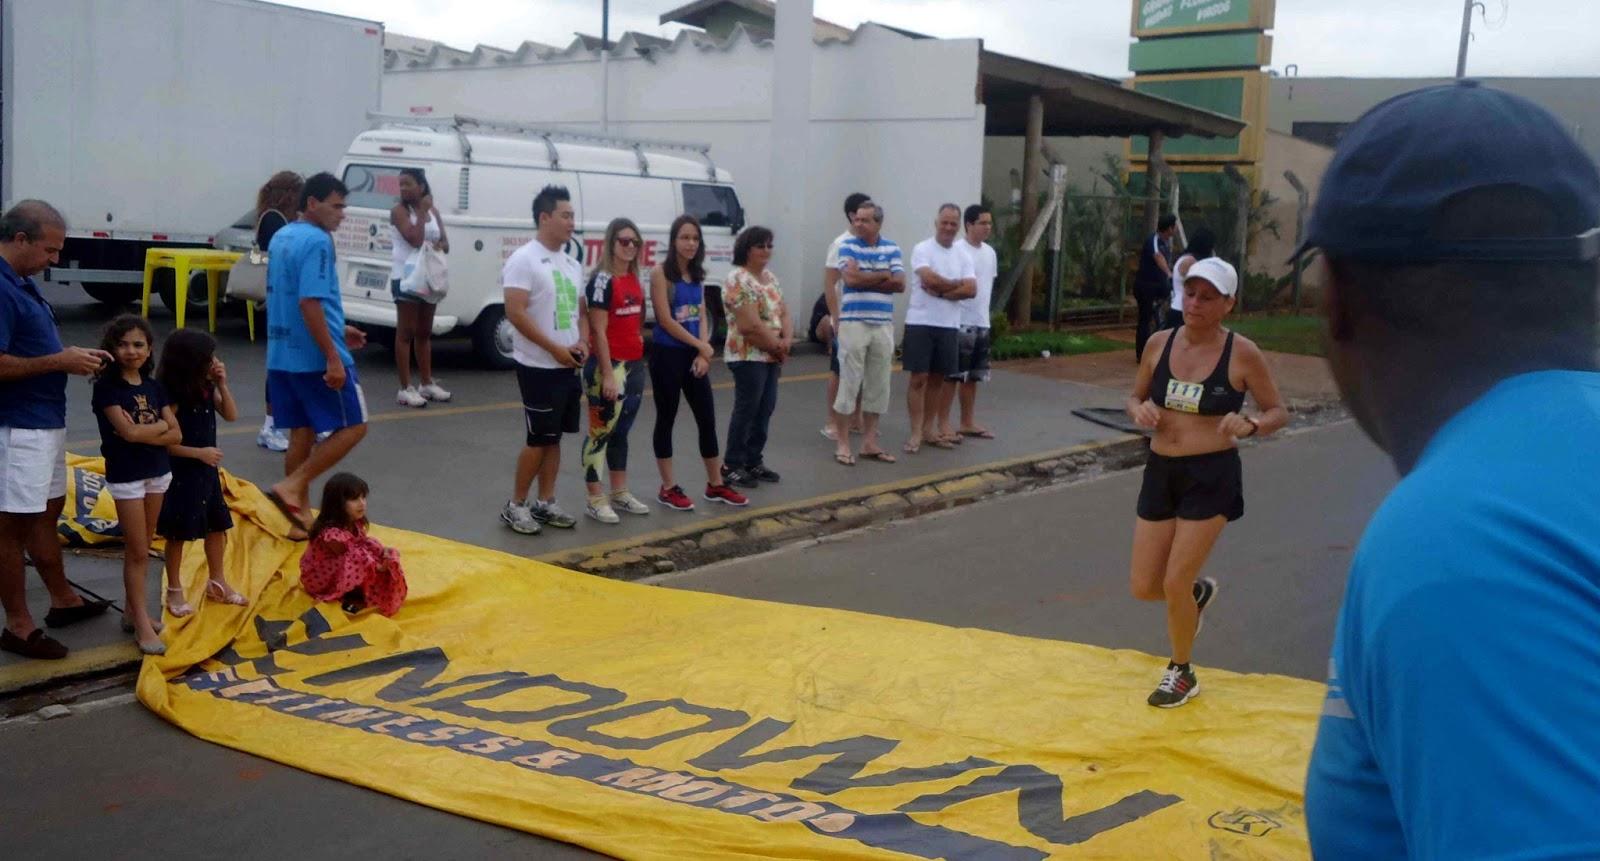 Foto 109 da 1ª Corrida Av. dos Coqueiros em Barretos-SP 14/04/2013 – Atletas cruzando a linha de chegada